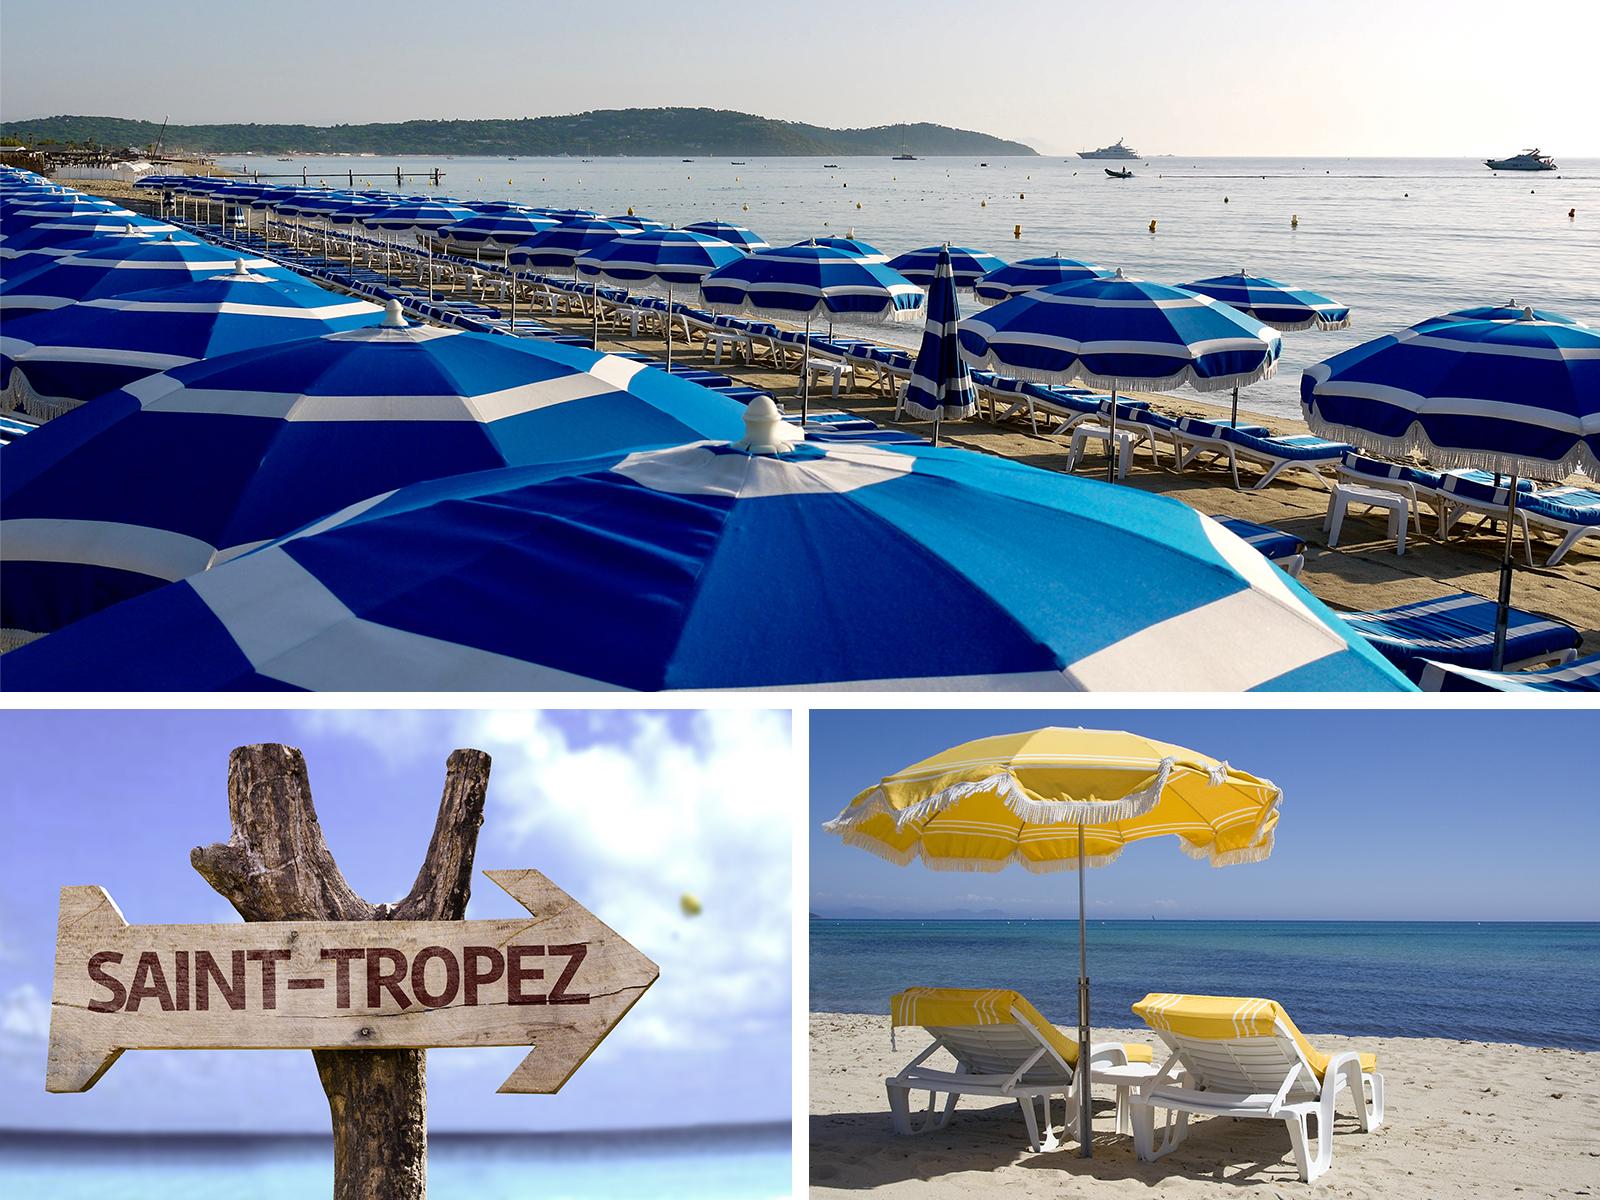 Day4_-_Saint_Tropez.jpg?1556221523